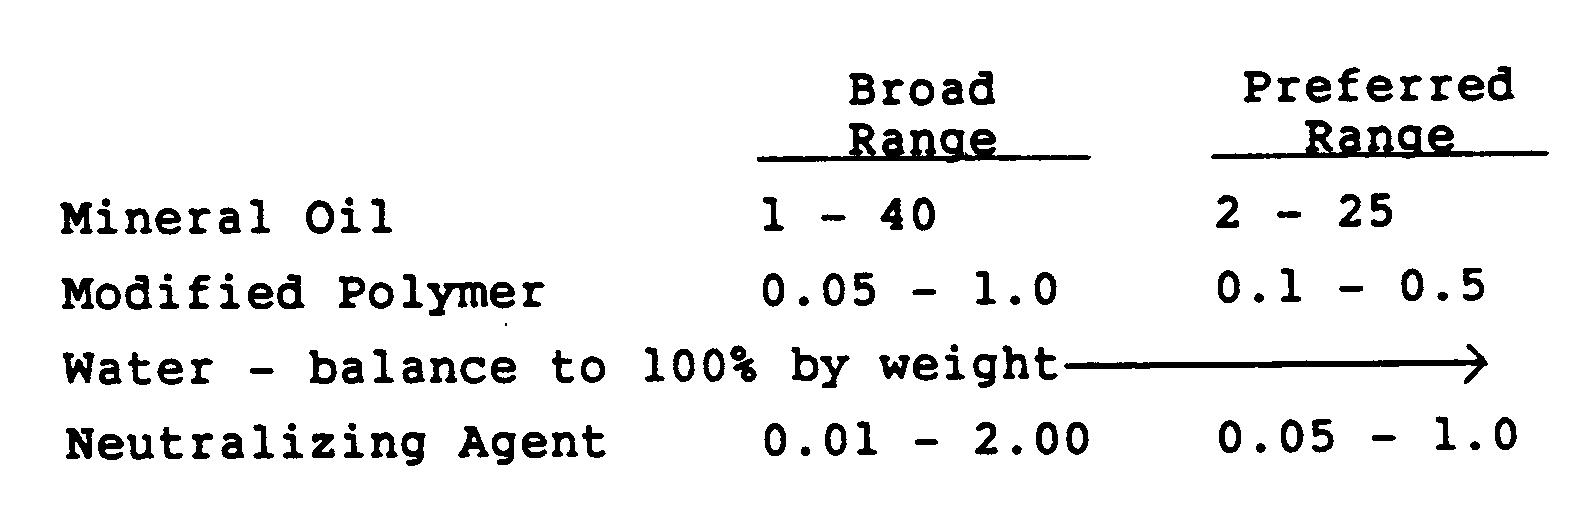 Proteine pour maigrir homme 75 - Programme tapis de course pour maigrir ...